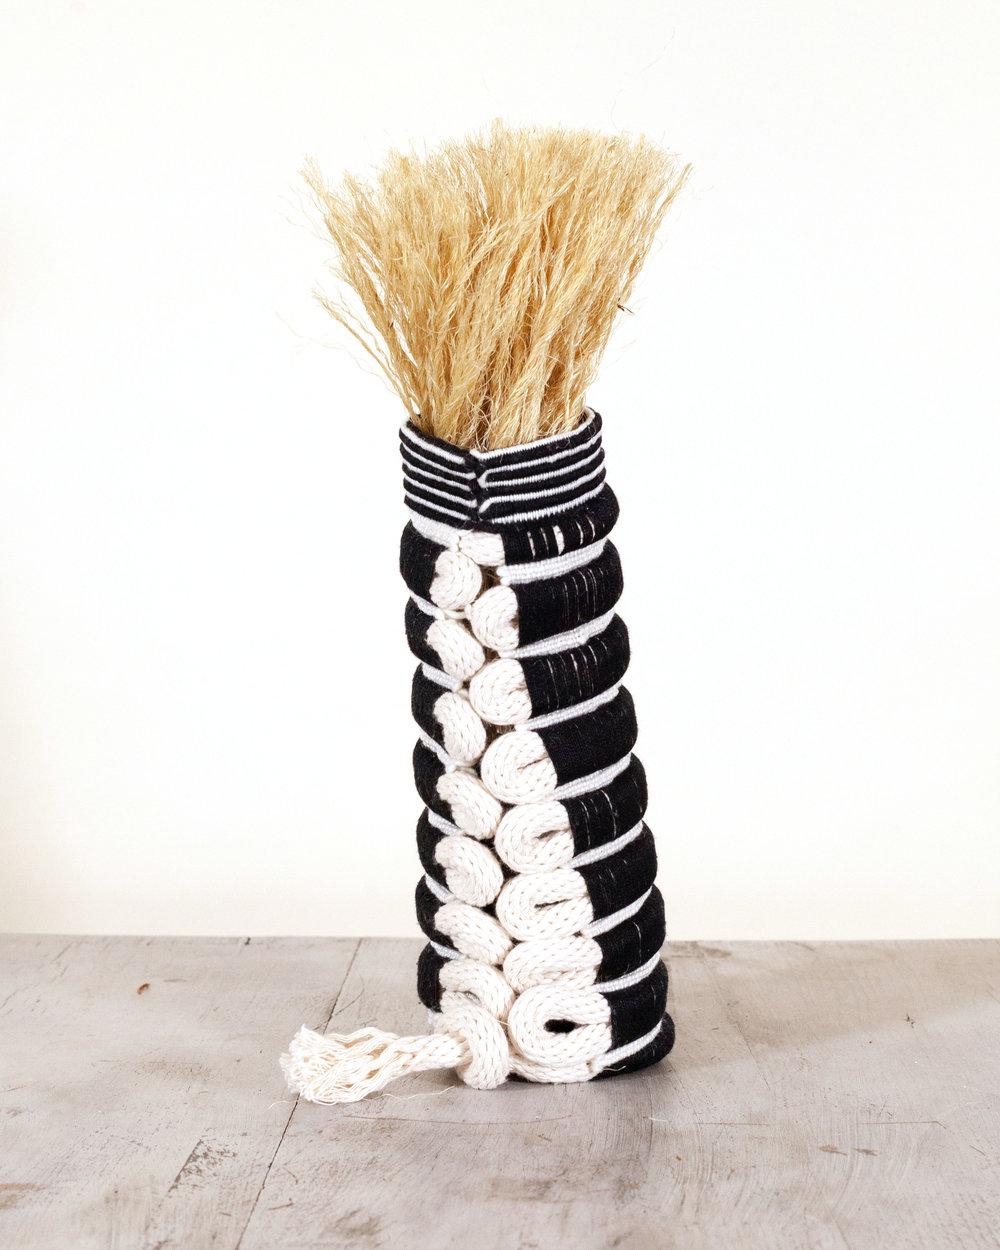 Vase4back_.jpg